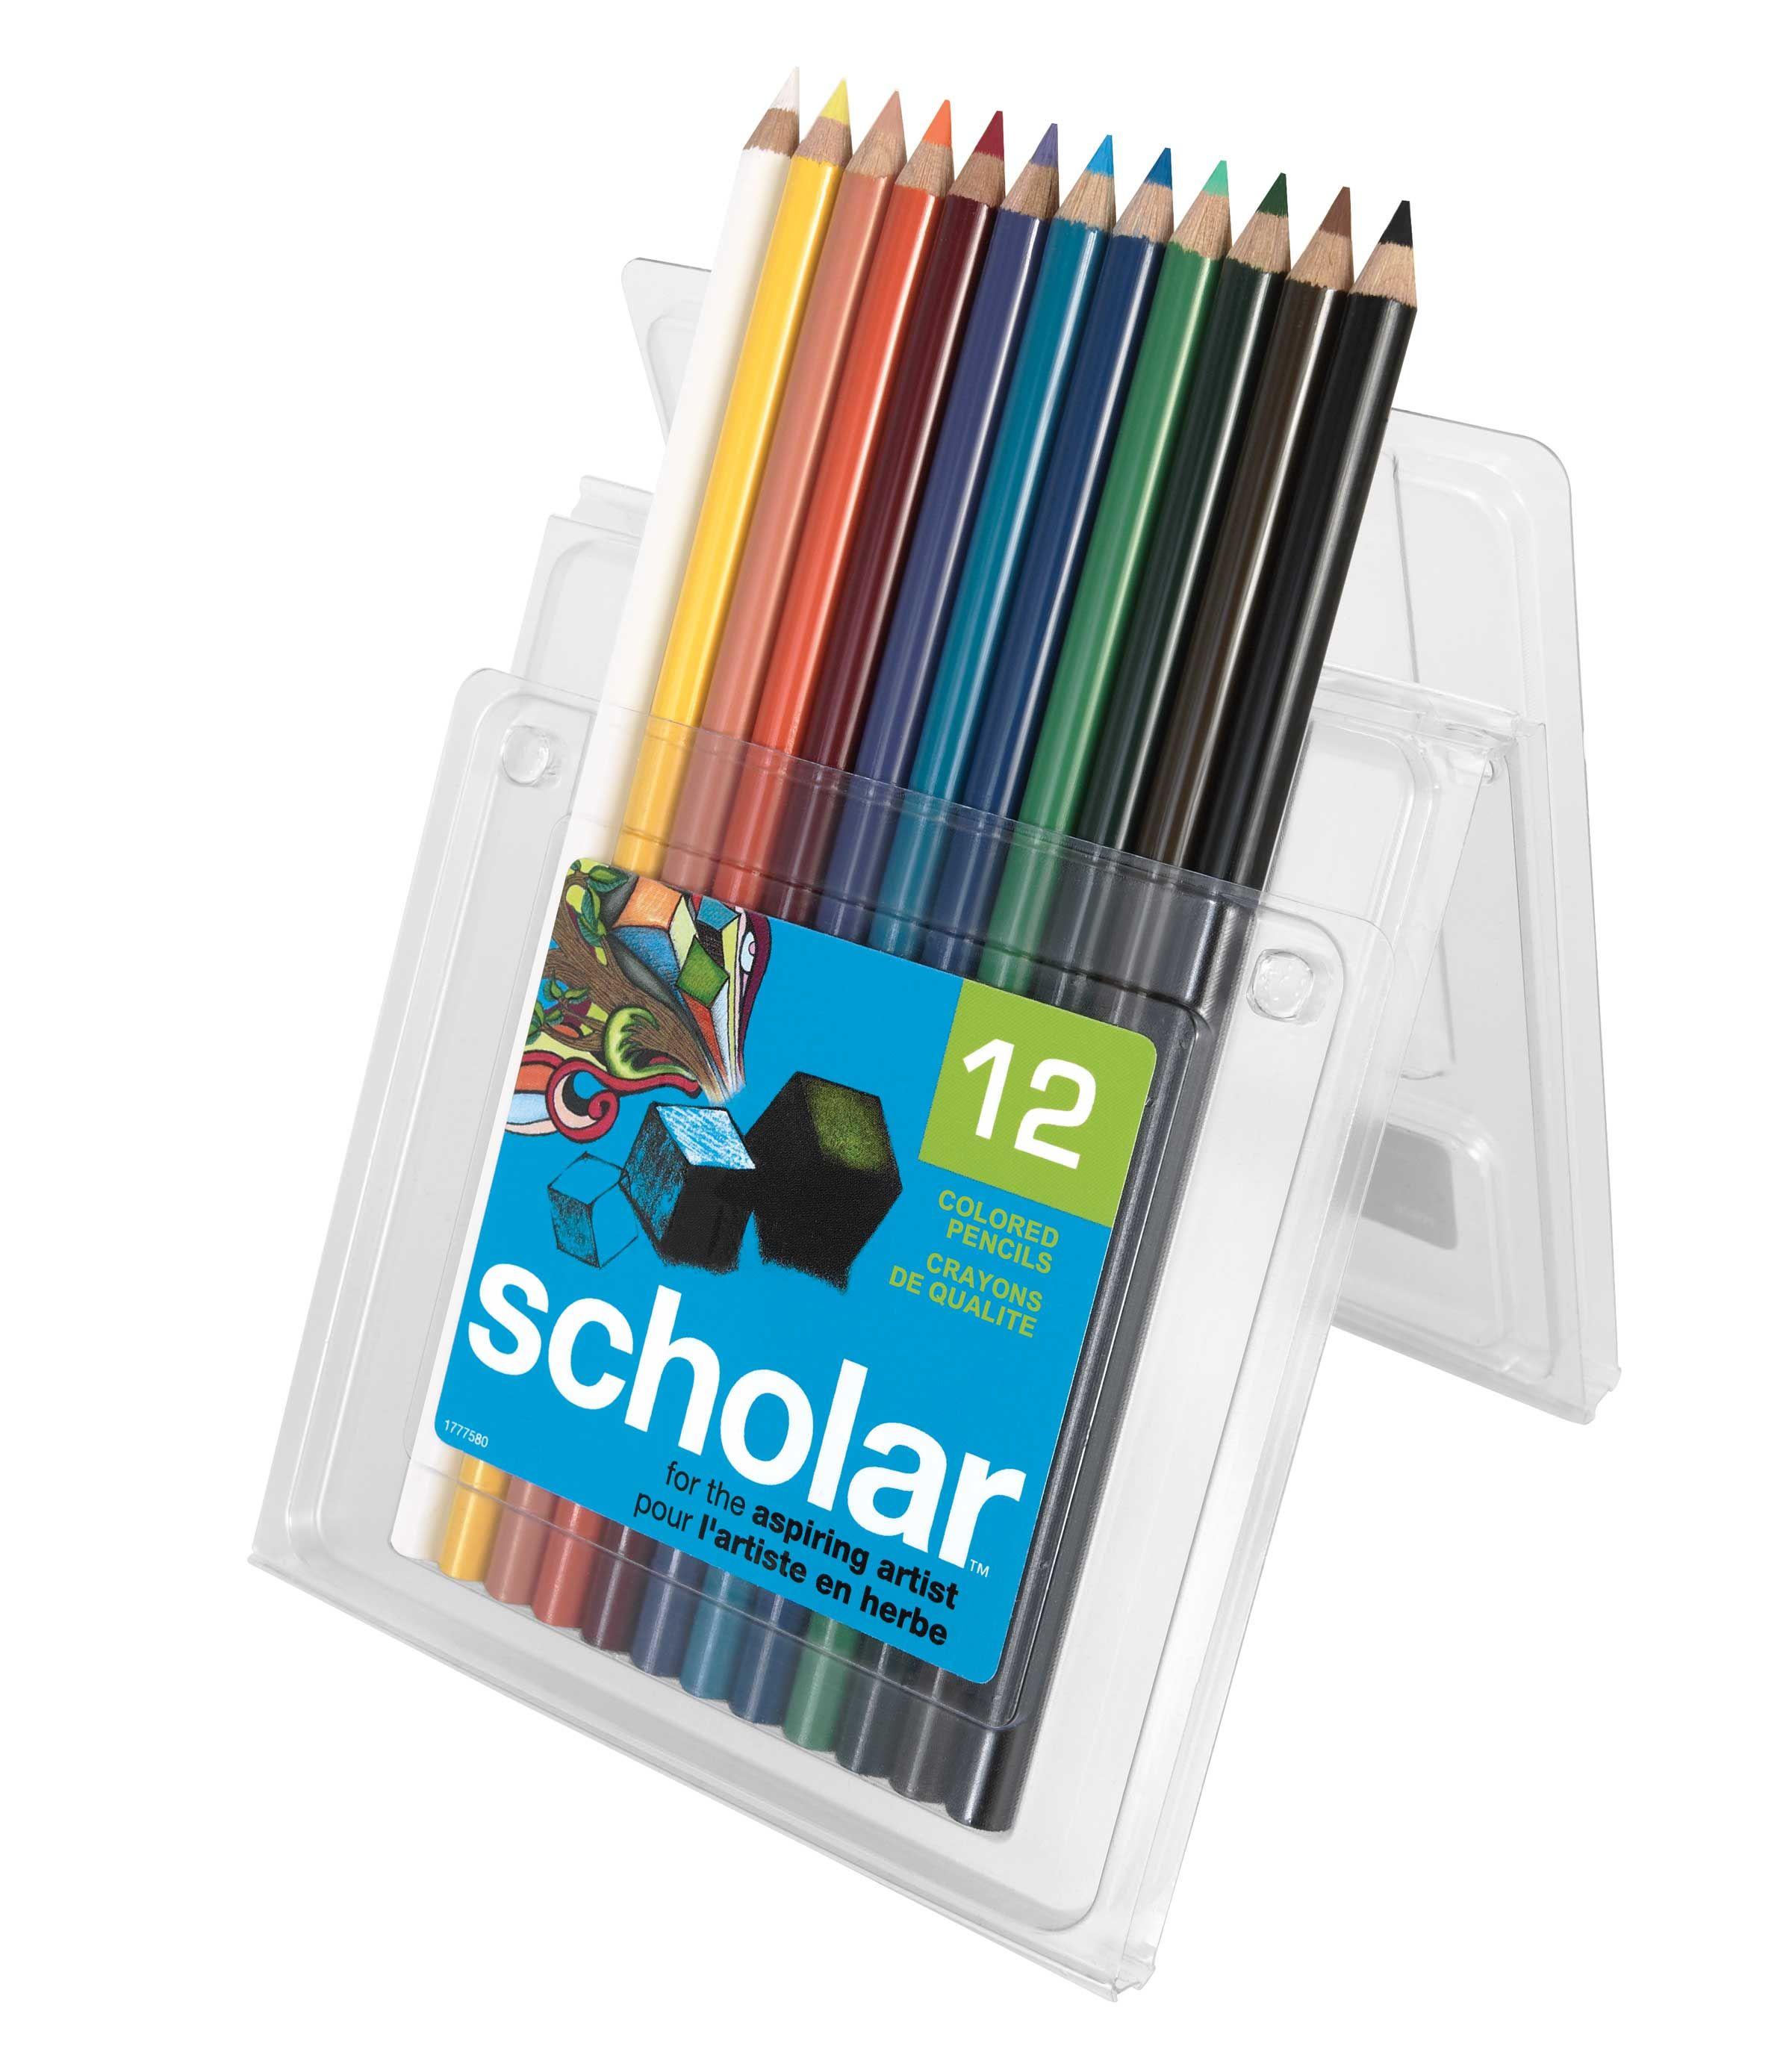 Mycreativeescape Staedtler Fun Stuff T Triplus Color Fibre Tip Pen 323 34 Aqua Blue Prismacolor Scholar Colored Pencils 12pk Auna Christmas Ideas Pinterest Walmart